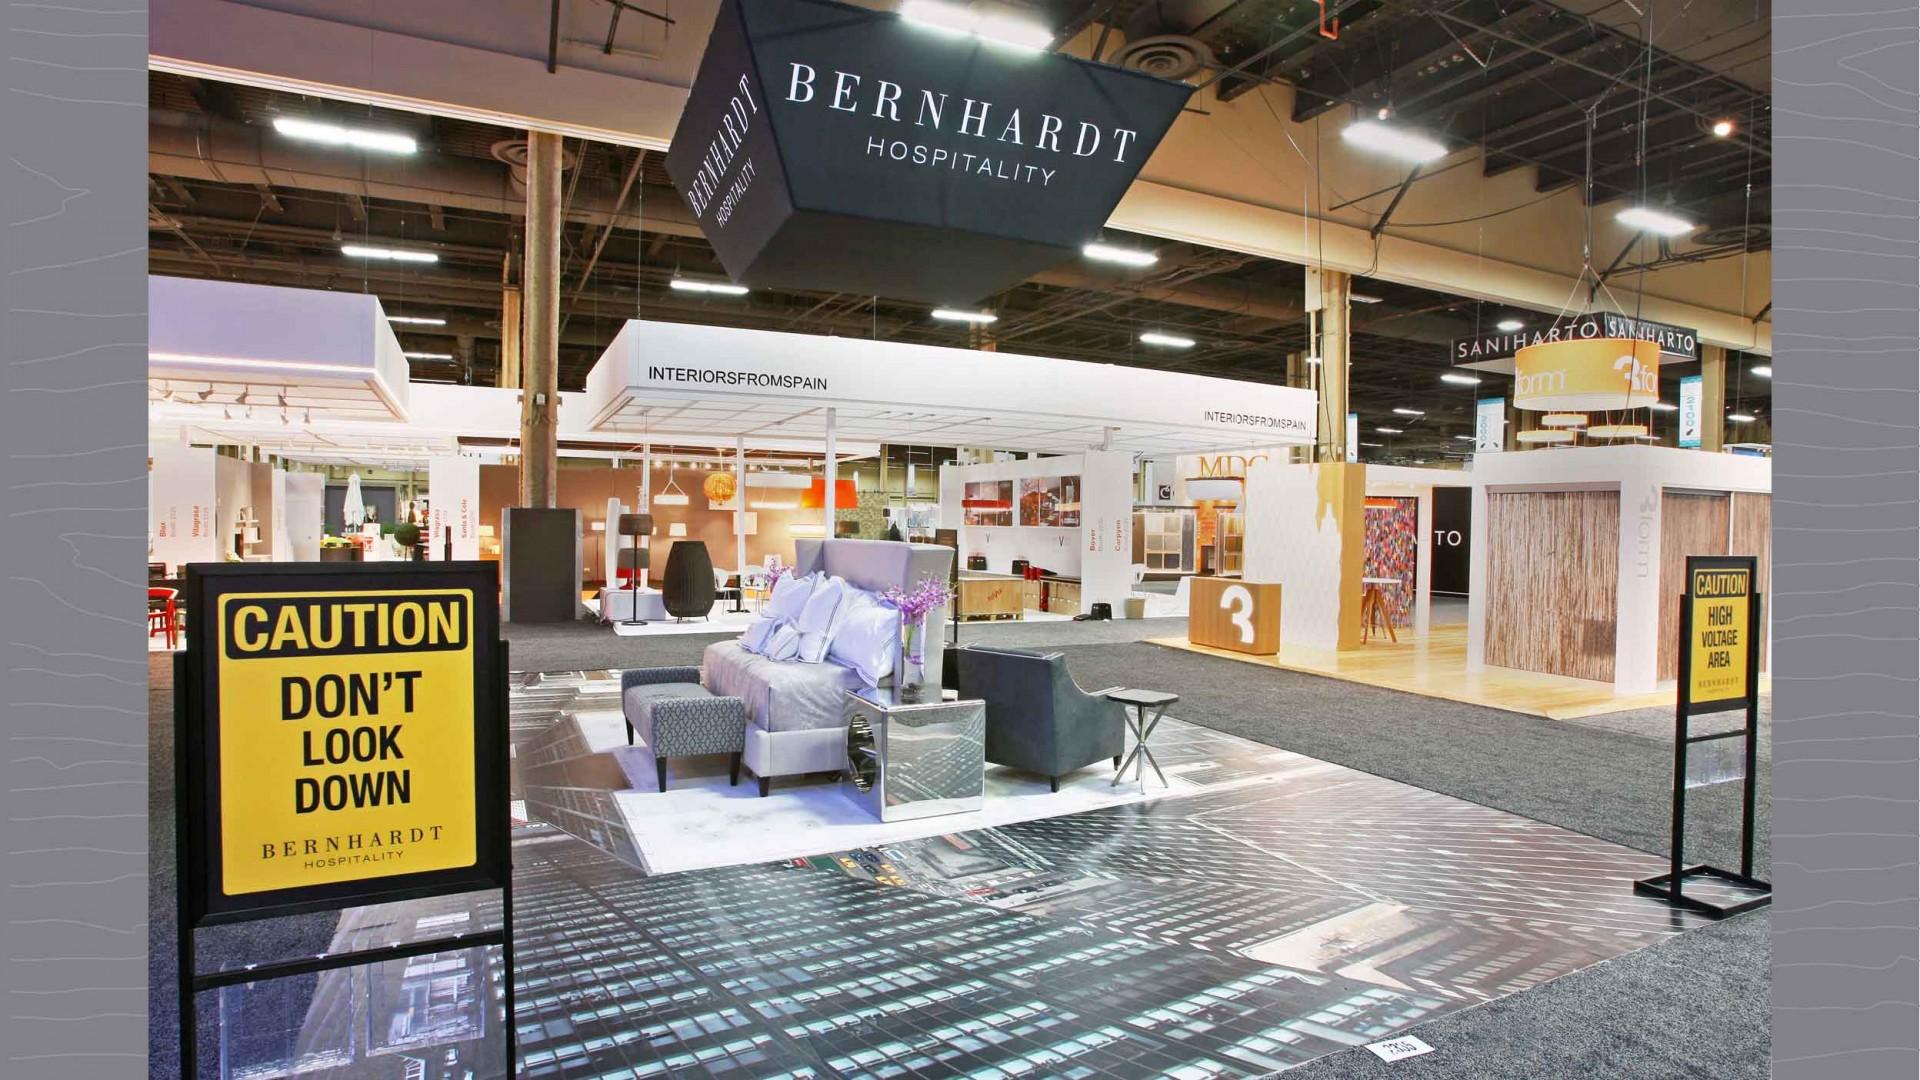 Bernhardt Hospitality Transcending to New Heights Exhibit, final floor.